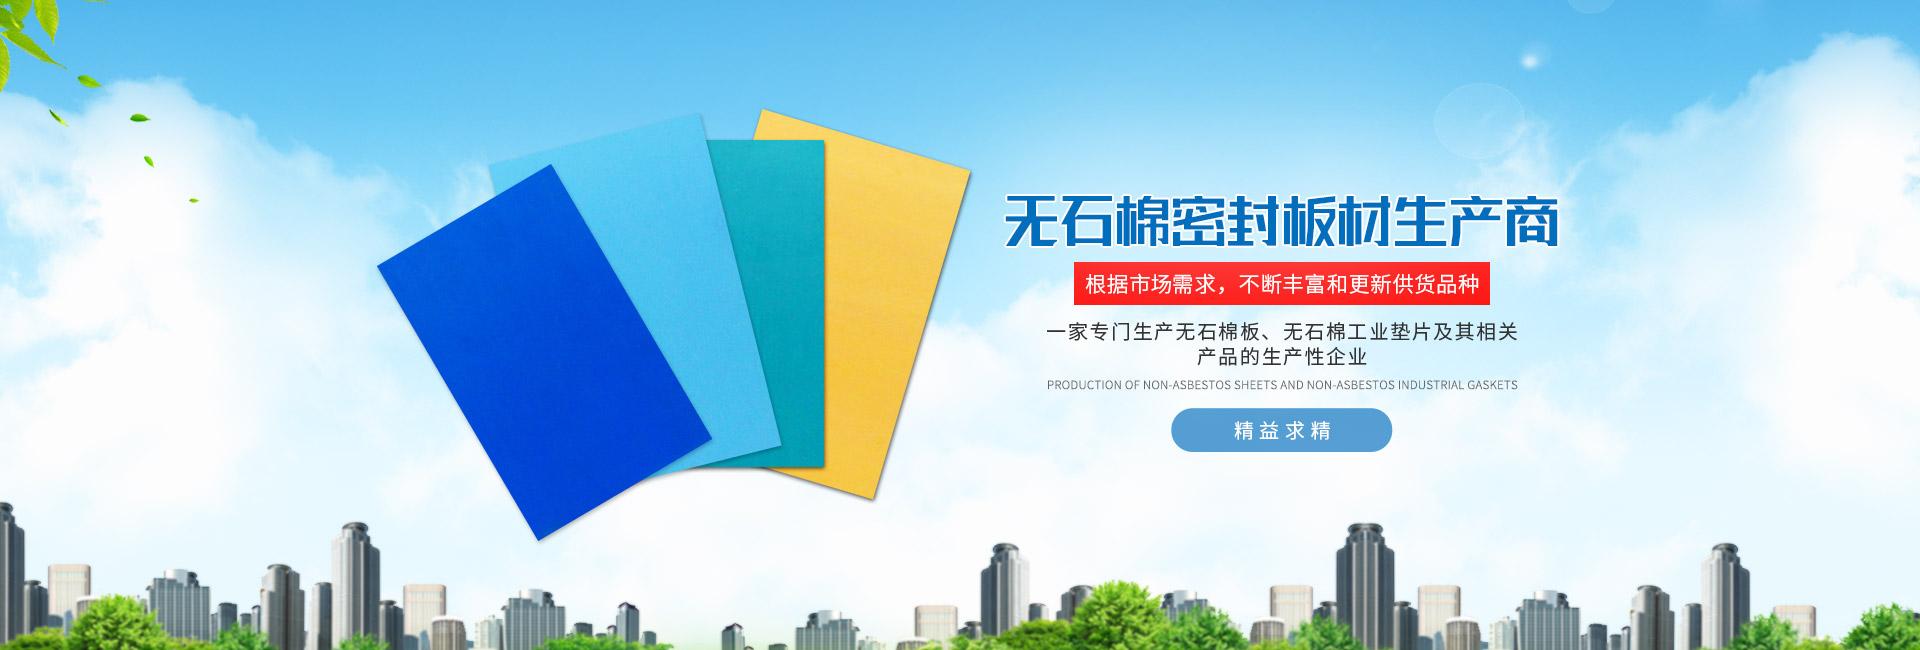 上海賦瑞密封材料有限公司